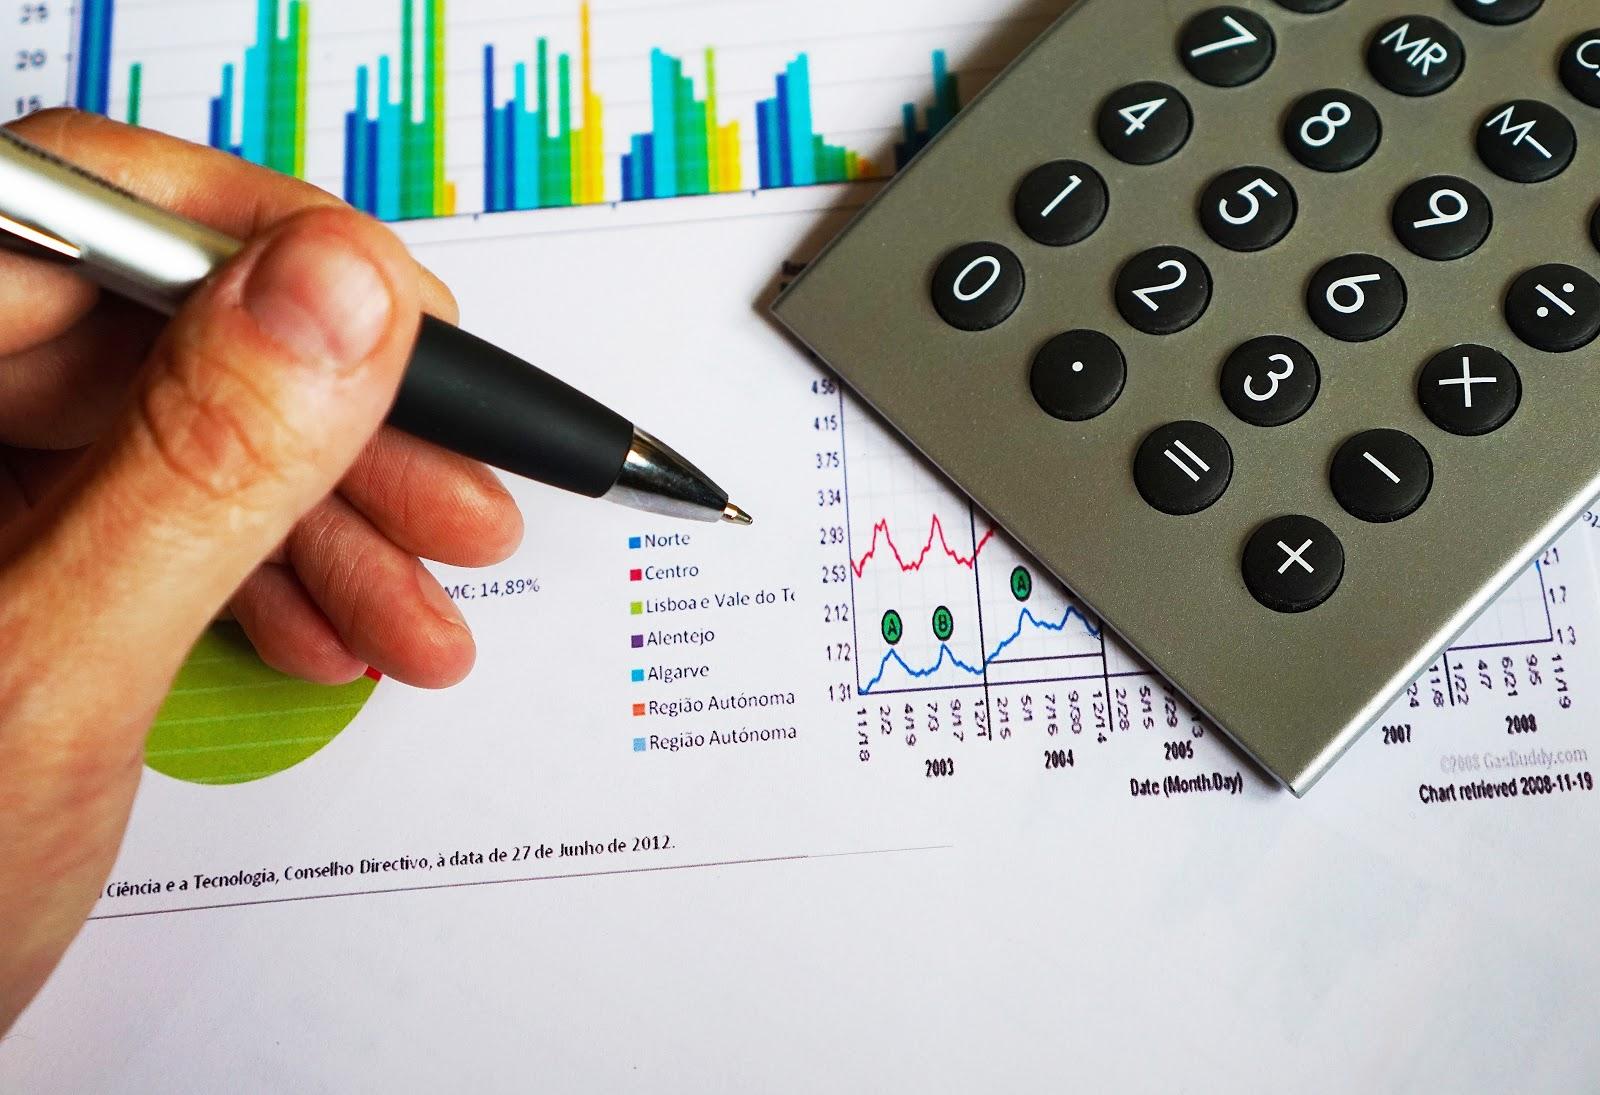 Thuê freelancer sẽ tiết kiệm chi phí cho doanh nghiệp